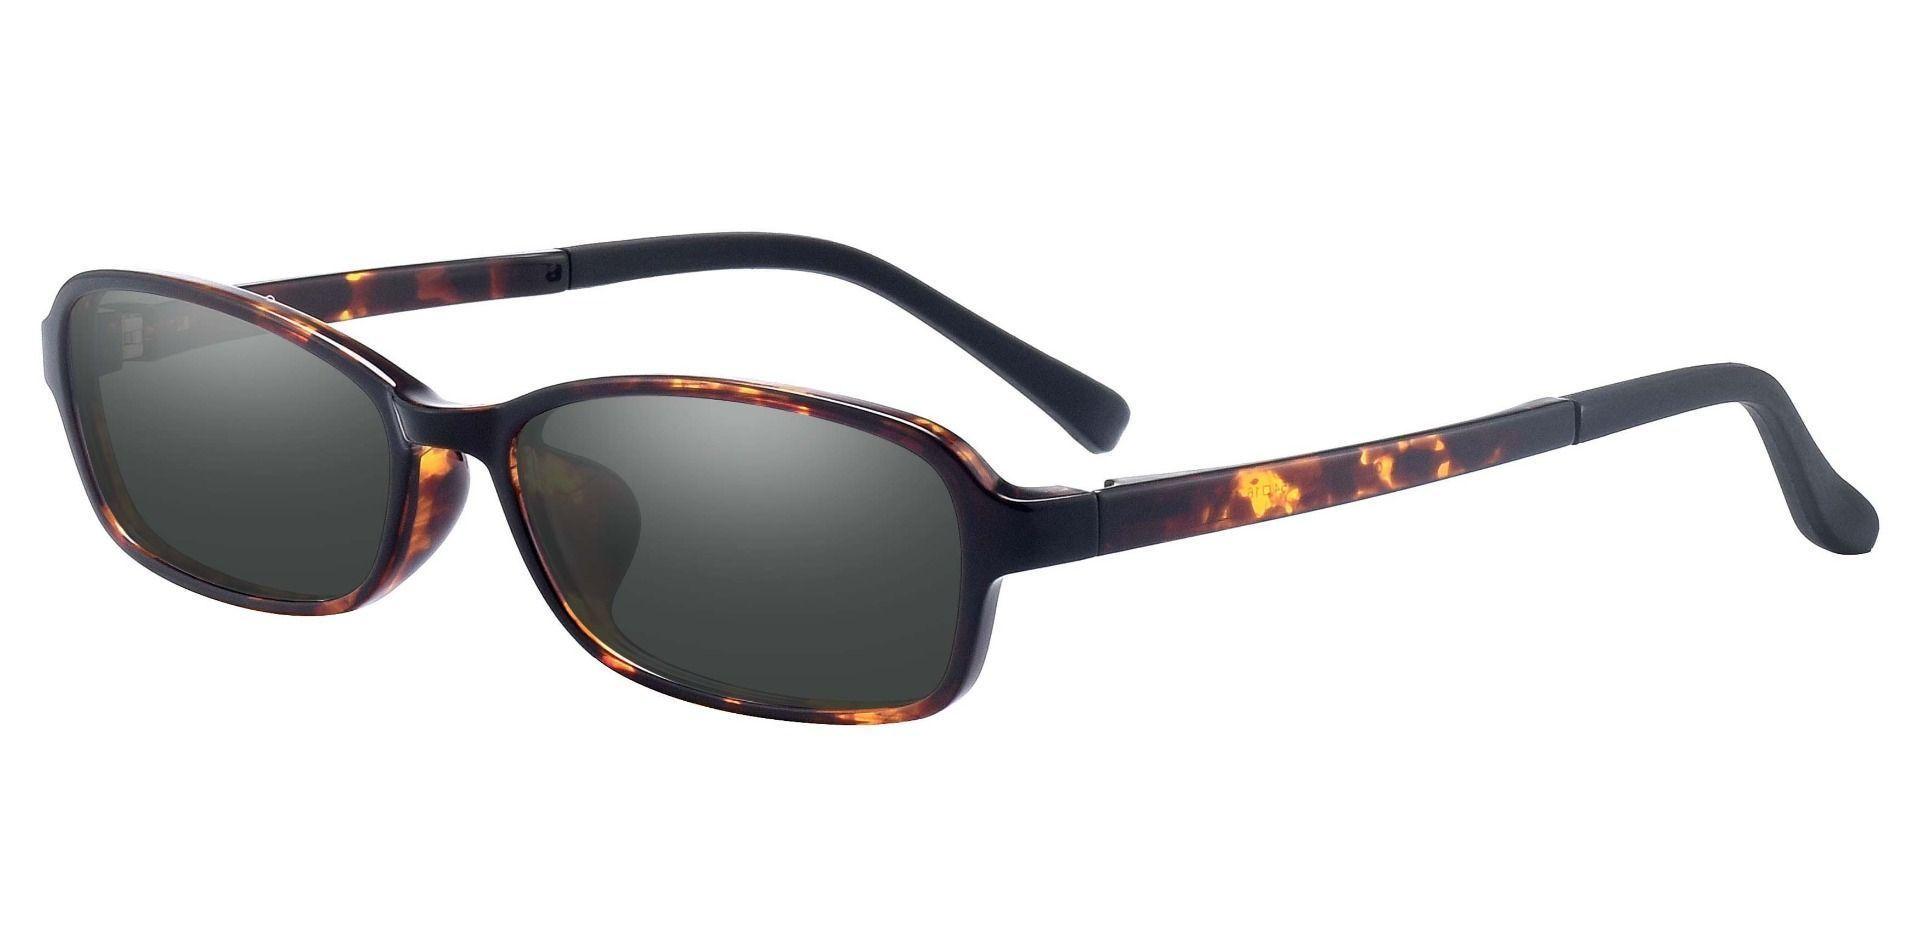 Hollis Rectangle Prescription Sunglasses - Tortoise Frame With Gray Lenses